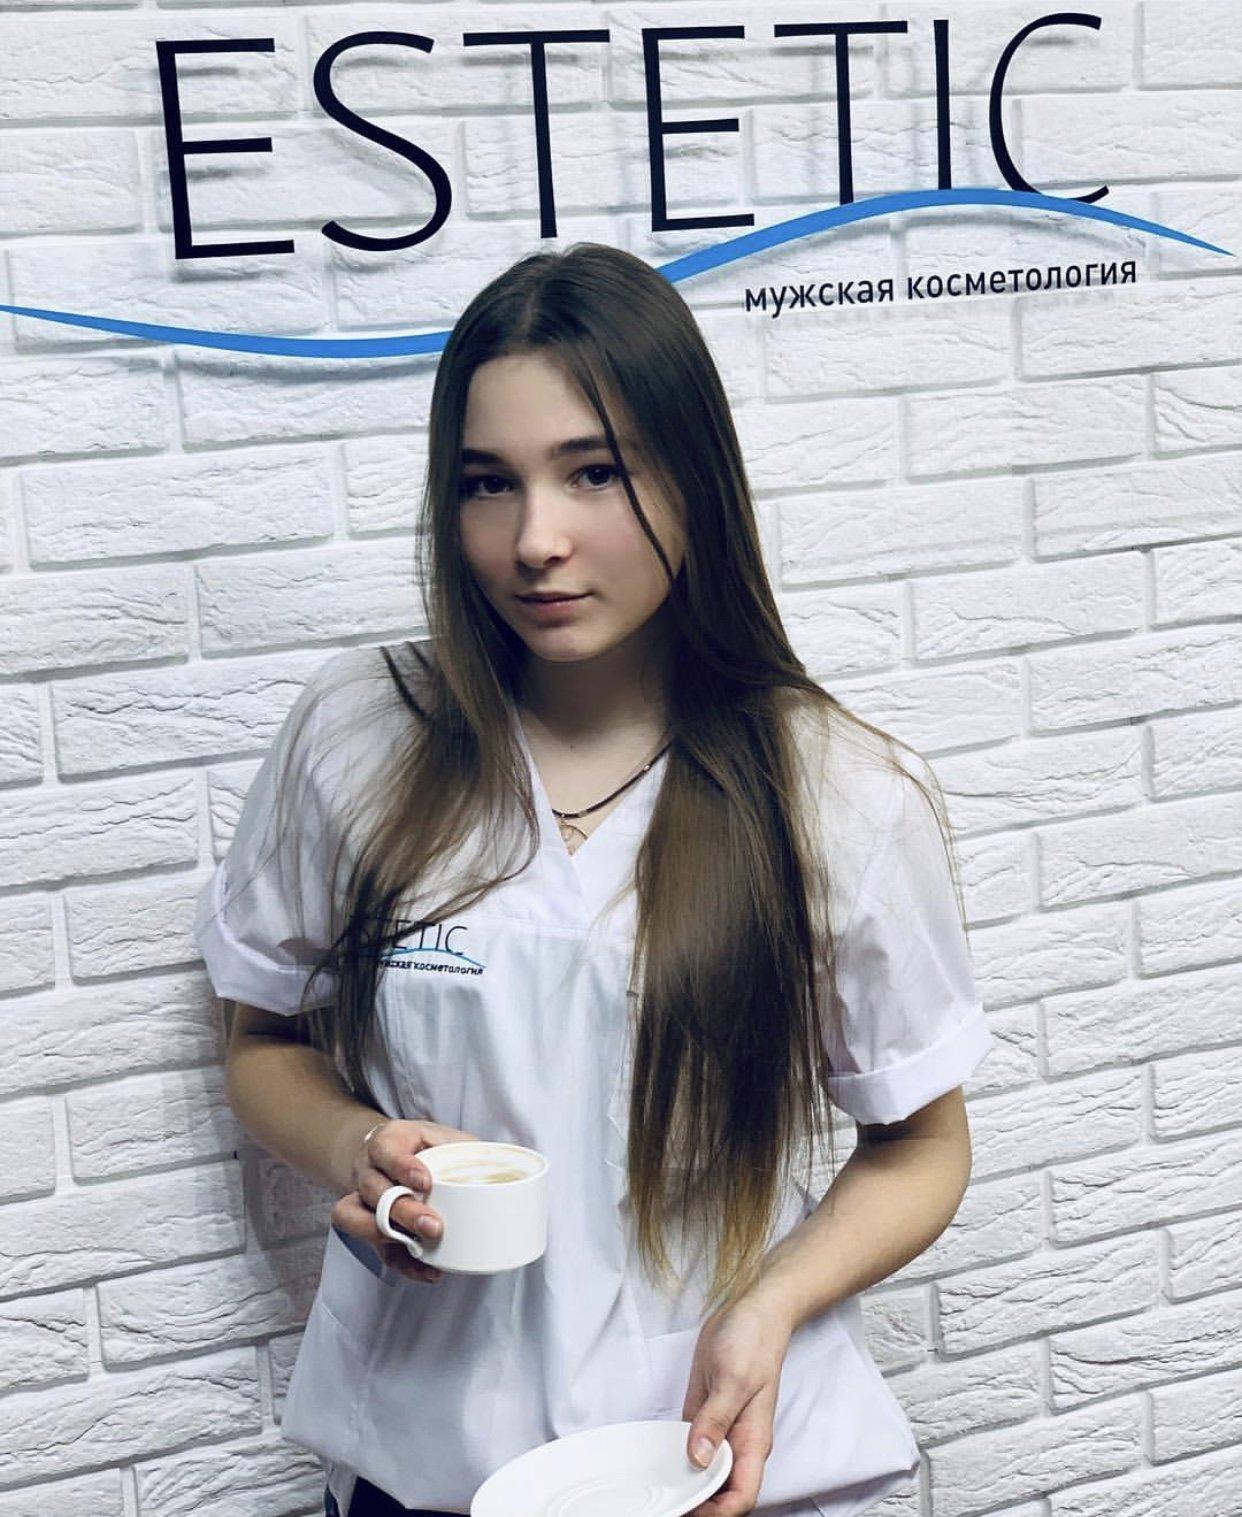 В Мариуполе открылся центр косметологии для мужчин ESTETIC, фото-1